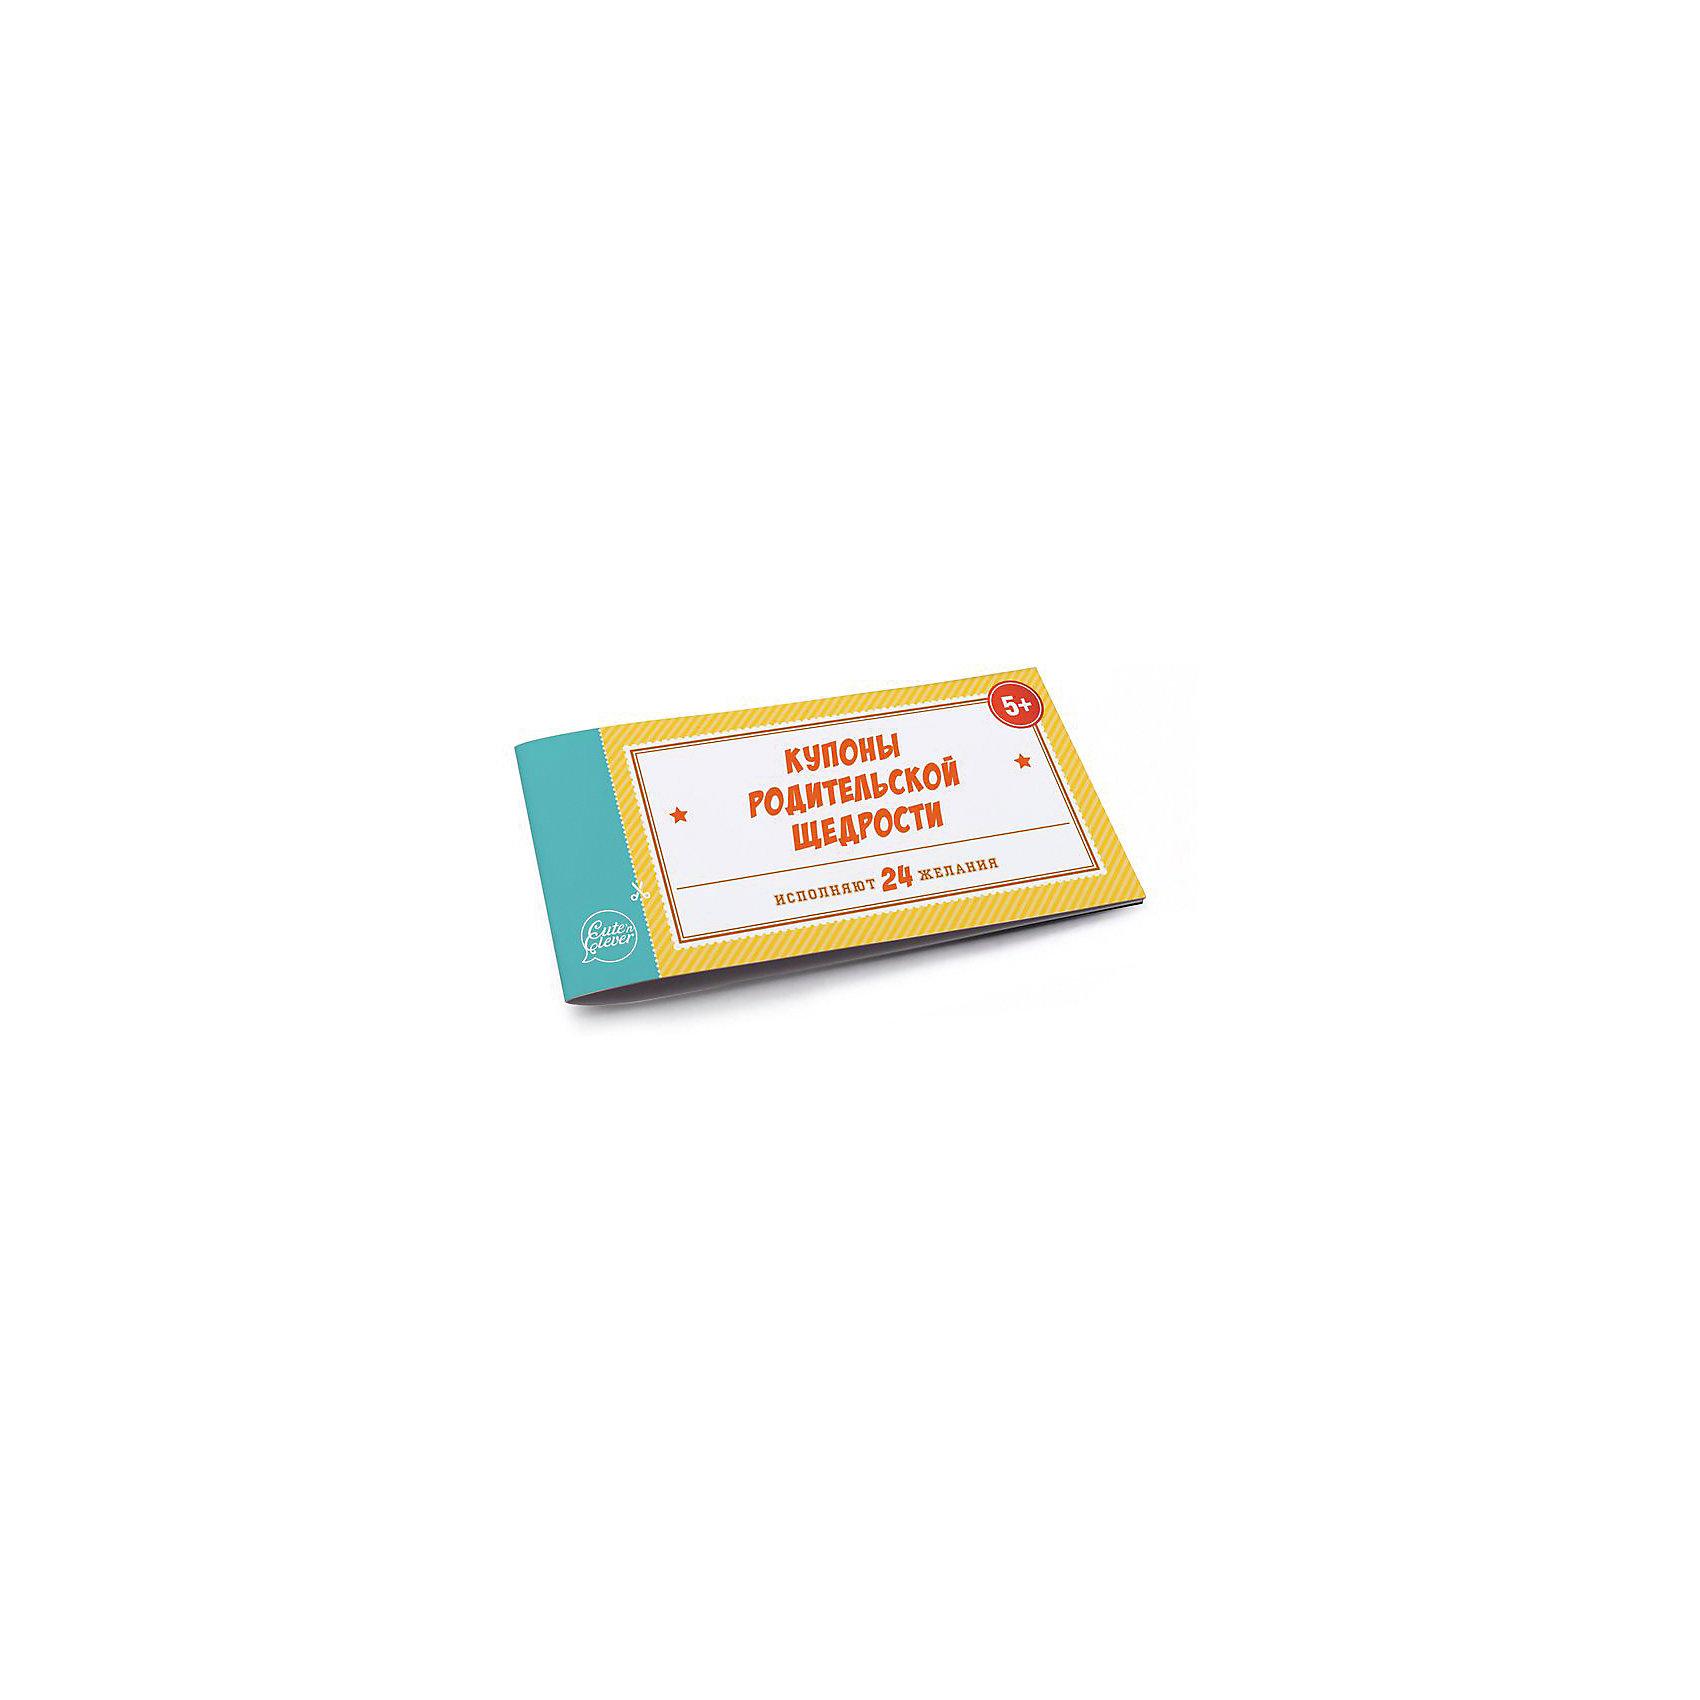 Книжка с купонами Купоны родительской щедрости, Cuten CleverДетская психология и здоровье<br>Книжка с купонами Купоны родительской щедрости, Cuten Clever.<br><br>Характеристики:<br><br>• Комплектация: книжечка, состоящая из 24 купонов<br>• Материал: бумага, картон<br>• Размер упаковки: 15х7х3 см.<br>• Вес: 100 гр.<br><br>Перед Вами лучший подарок для ребенка - книга исполнения его желаний. В книжечке - 24 купона. Заполните купоны и подарите ребенку. Каждый купон из книжки - это эмоции, события, возможности! Например, разрешение на пижамную вечеринку - это память на всю жизнь! Разрешение на десерт в любое время – это большое удовольствие! Купон на любимую игру всей семьей – это веселье и яркие эмоции! <br><br>В книге есть купон «На день ДА», в этот день ребенку могут отвечать только «Да», купон на чтение книг в вечернее время, купон на покупку и многие другие, а также пустые купоны, которые Вы заполните сами. На каждом купоне можно проставить срок действия. Книга Купоны родительской щедрости обязательно порадует ребёнка. Он сможет применить купоны в самое подходящее время!<br><br>Книжку с купонами Купоны родительской щедрости, Cuten Clever можно купить в нашем интернет-магазине.<br><br>Ширина мм: 70<br>Глубина мм: 147<br>Высота мм: 50<br>Вес г: 50<br>Возраст от месяцев: 60<br>Возраст до месяцев: 2147483647<br>Пол: Унисекс<br>Возраст: Детский<br>SKU: 5454158